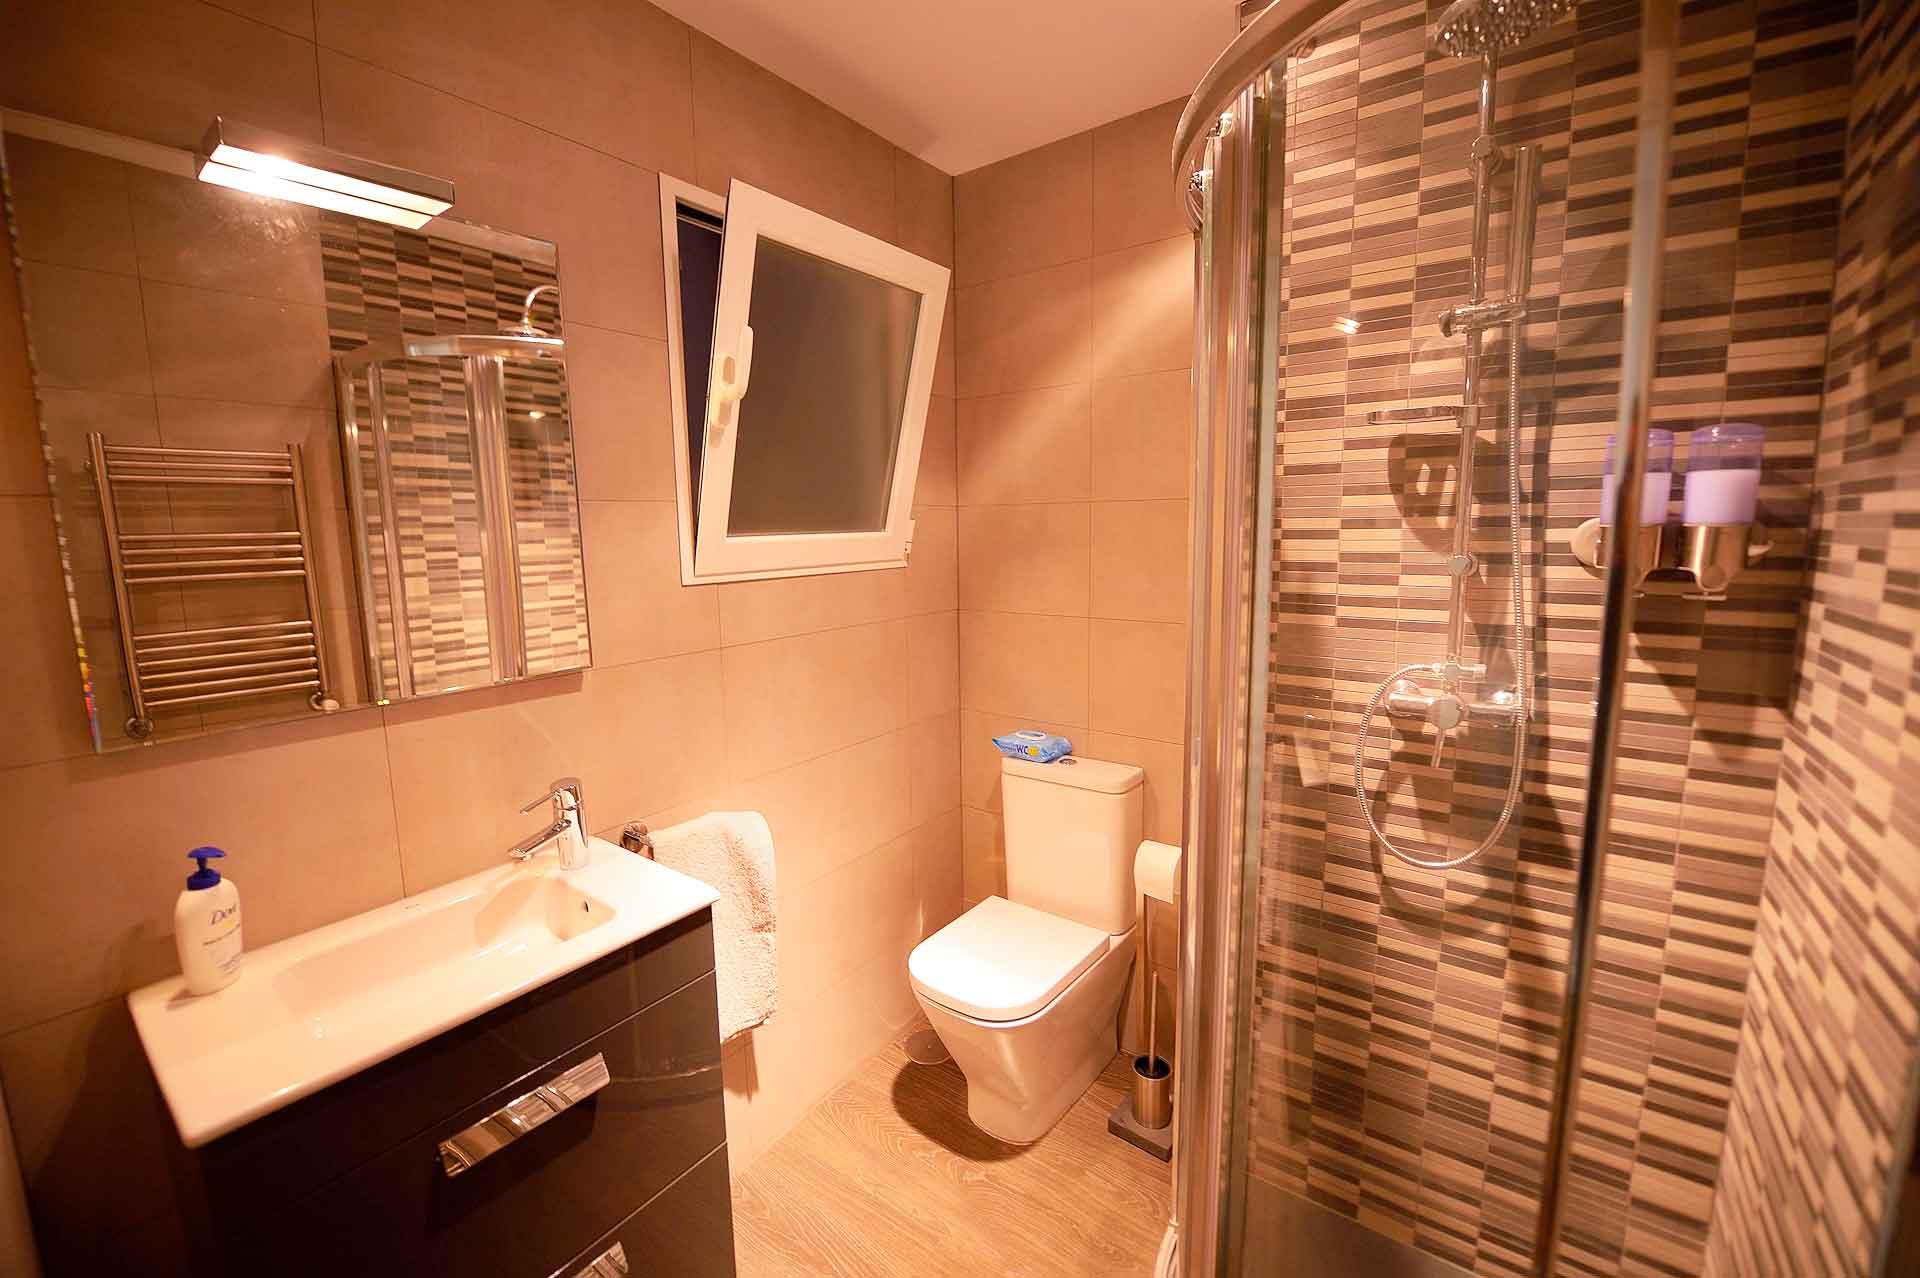 reforma de baño en piso del barrio de Salamanca